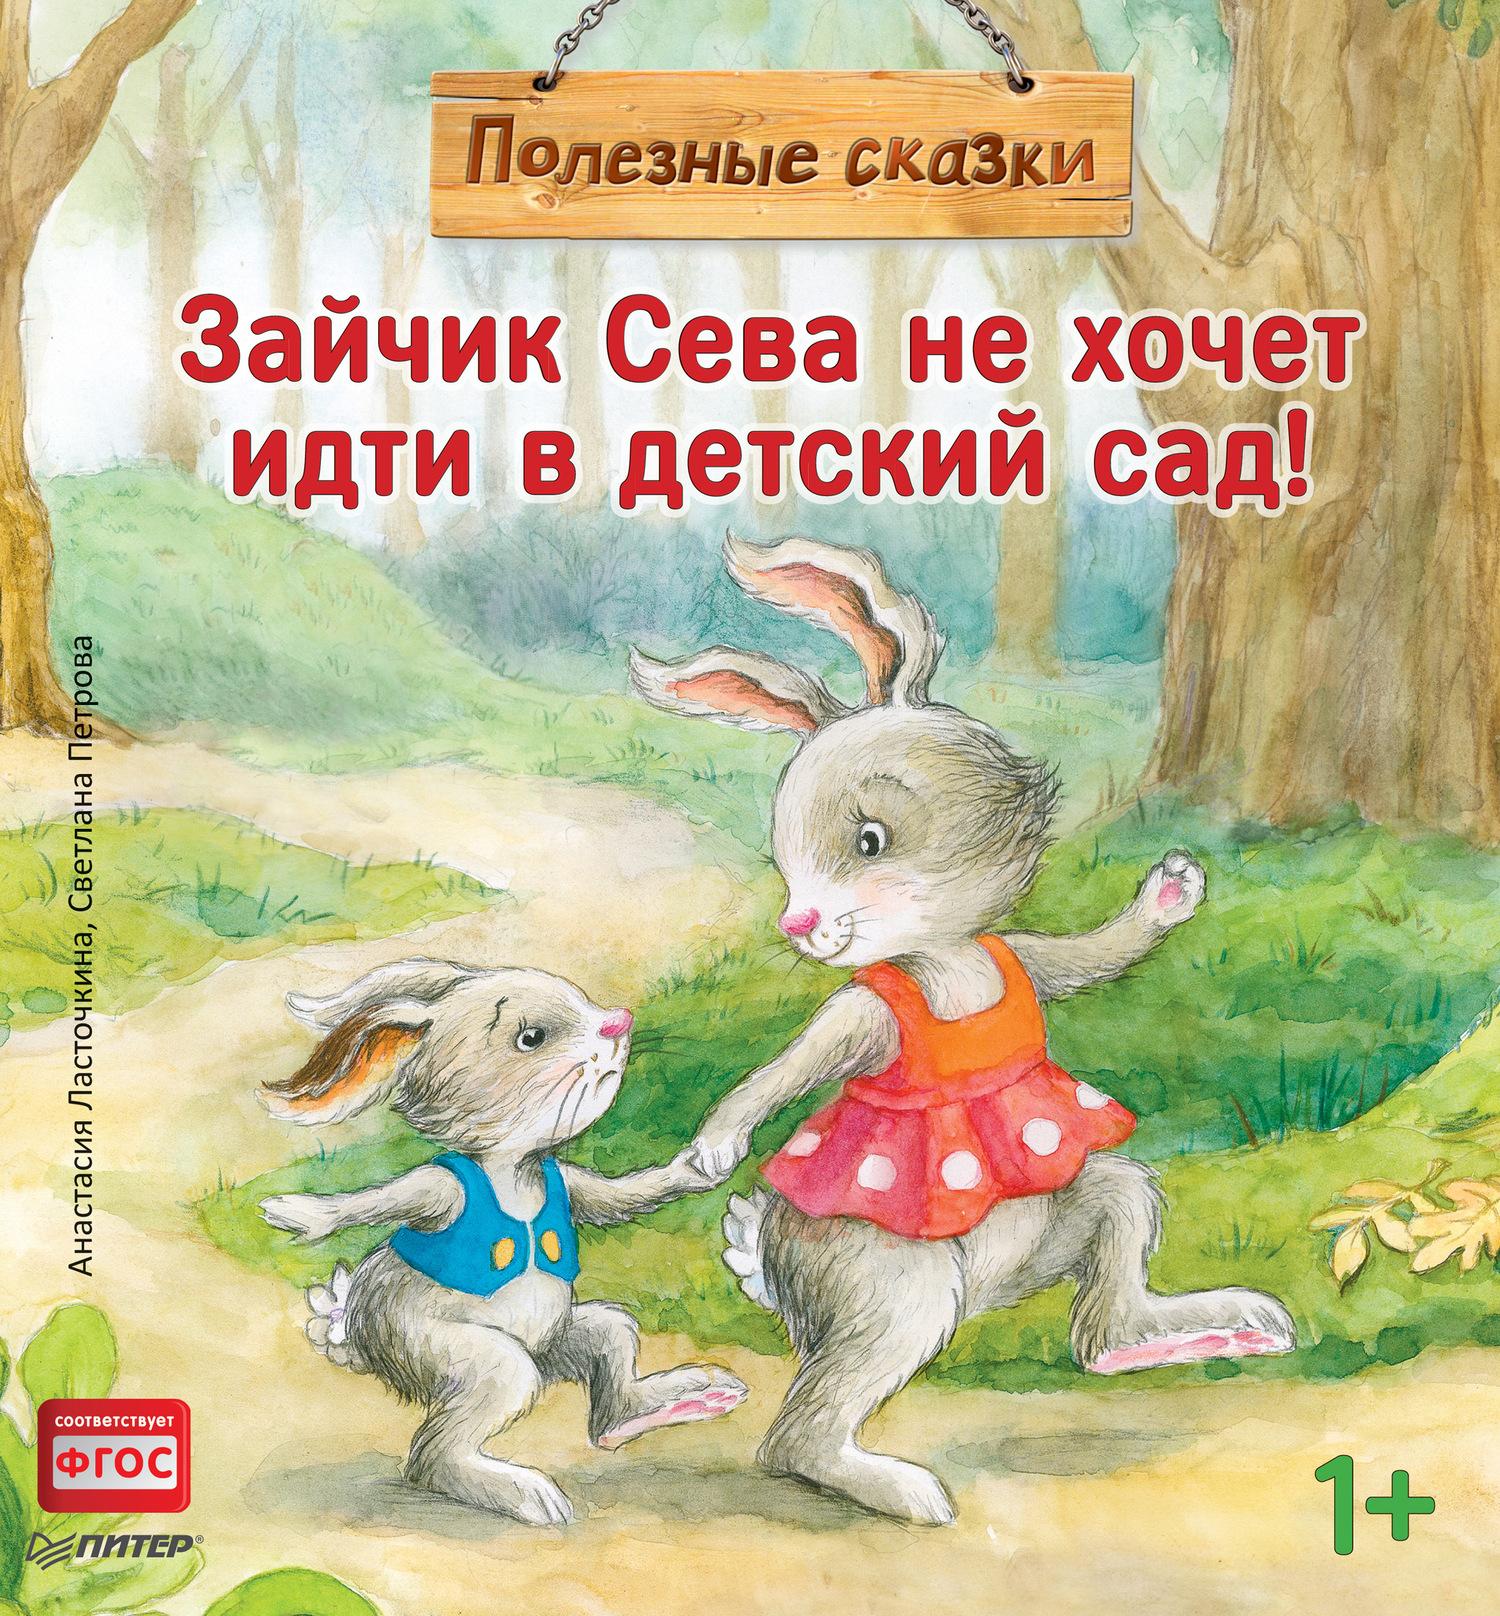 Анастасия Ласточкина Зайчик Сева не хочет идти в детский сад! Полезные сказки котёнок и сева с тополя